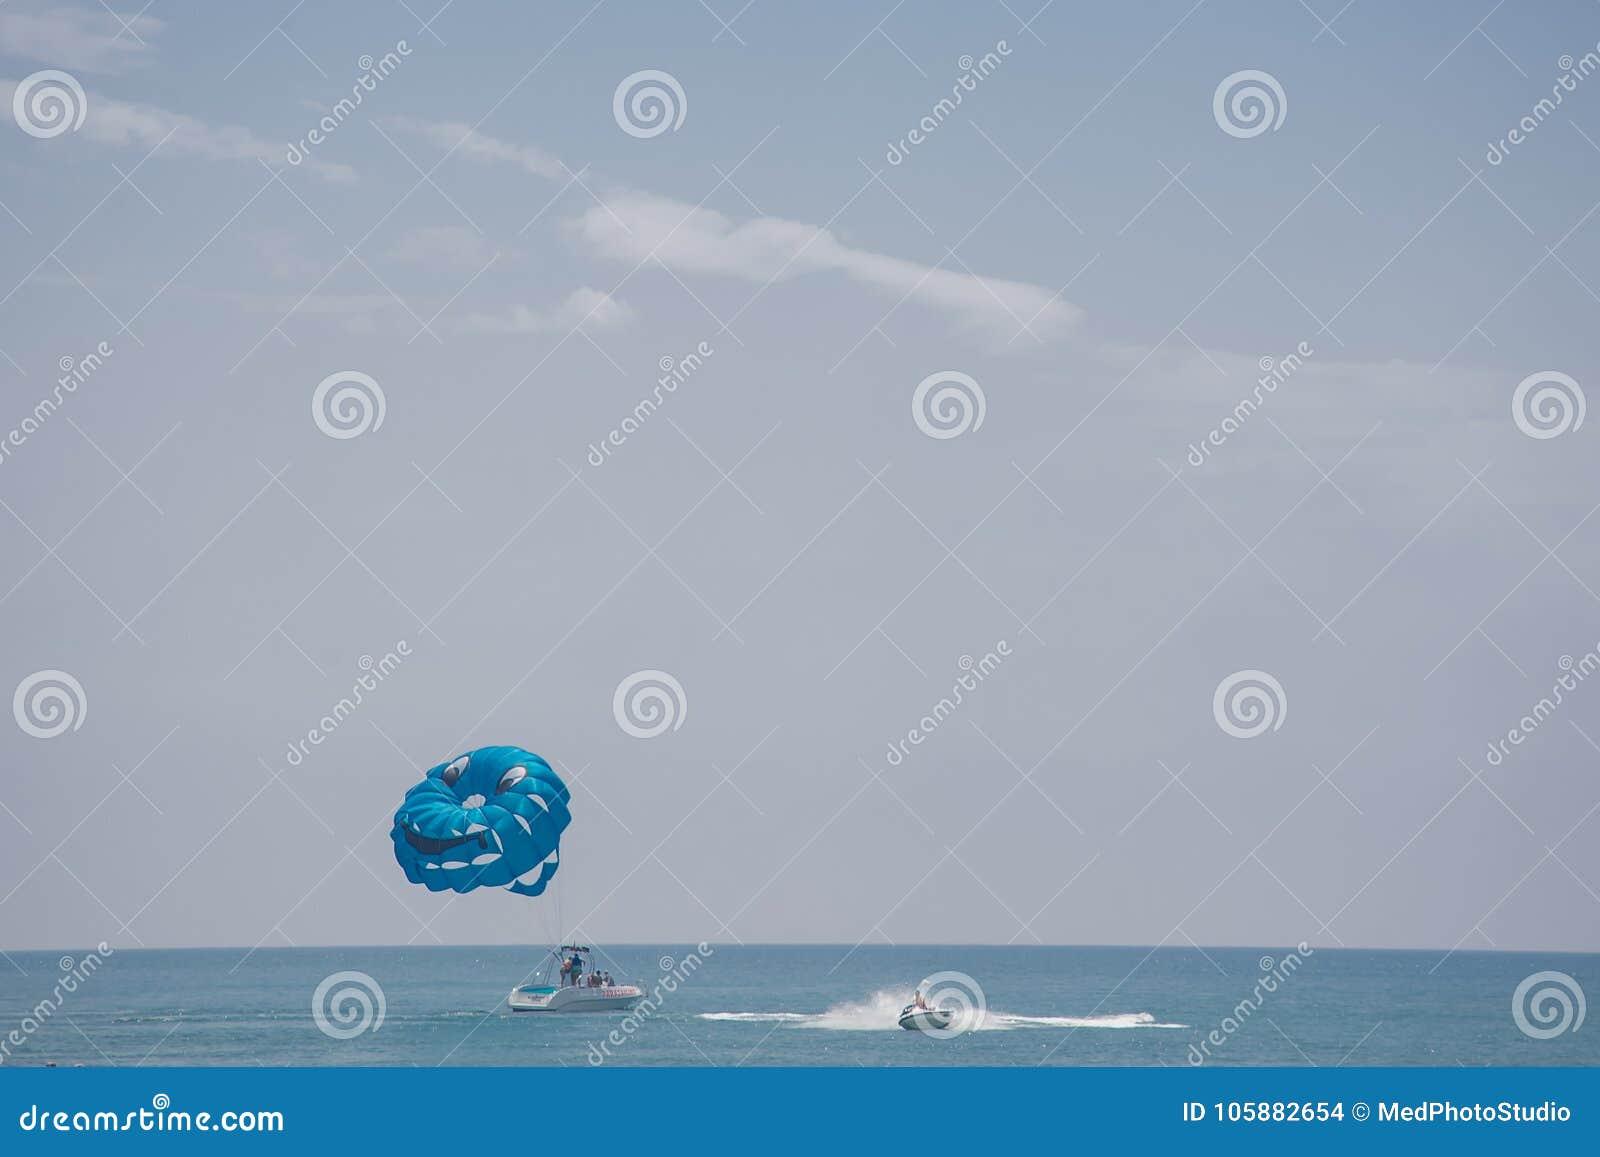 Mannen med blåtten hoppa fallskärm